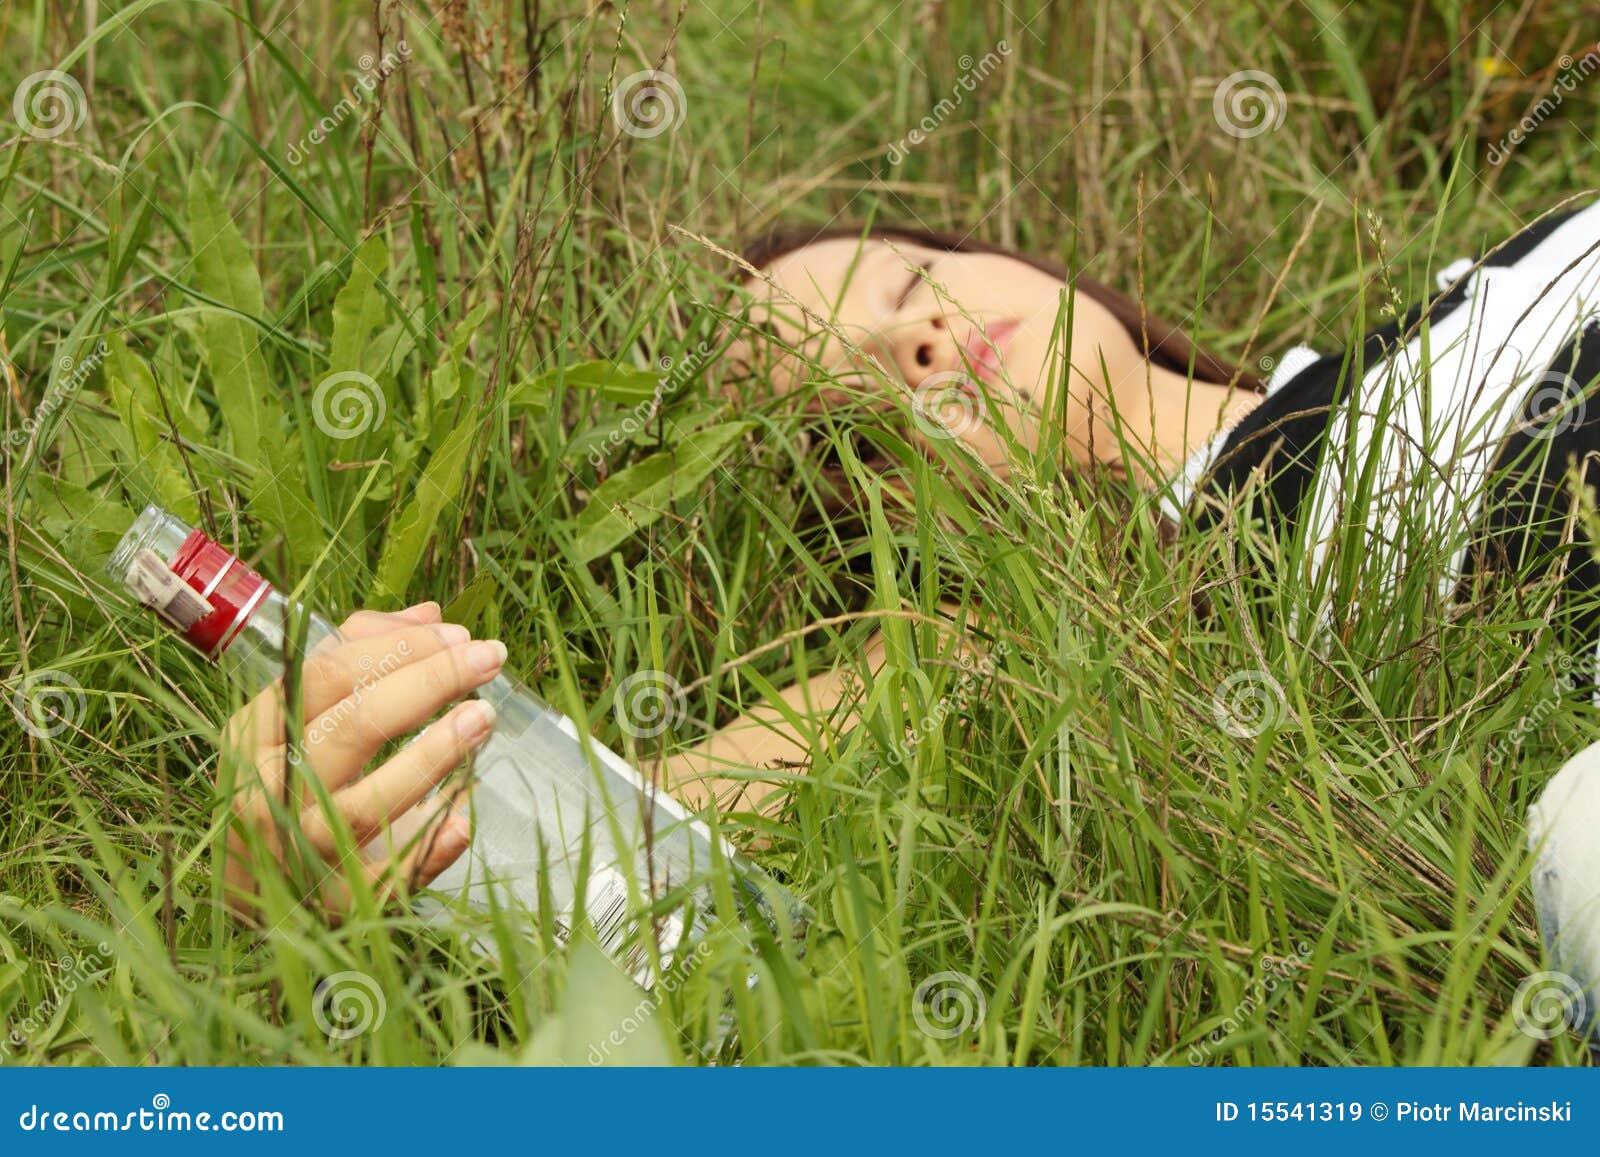 Травы от алкоголизма для мужчин